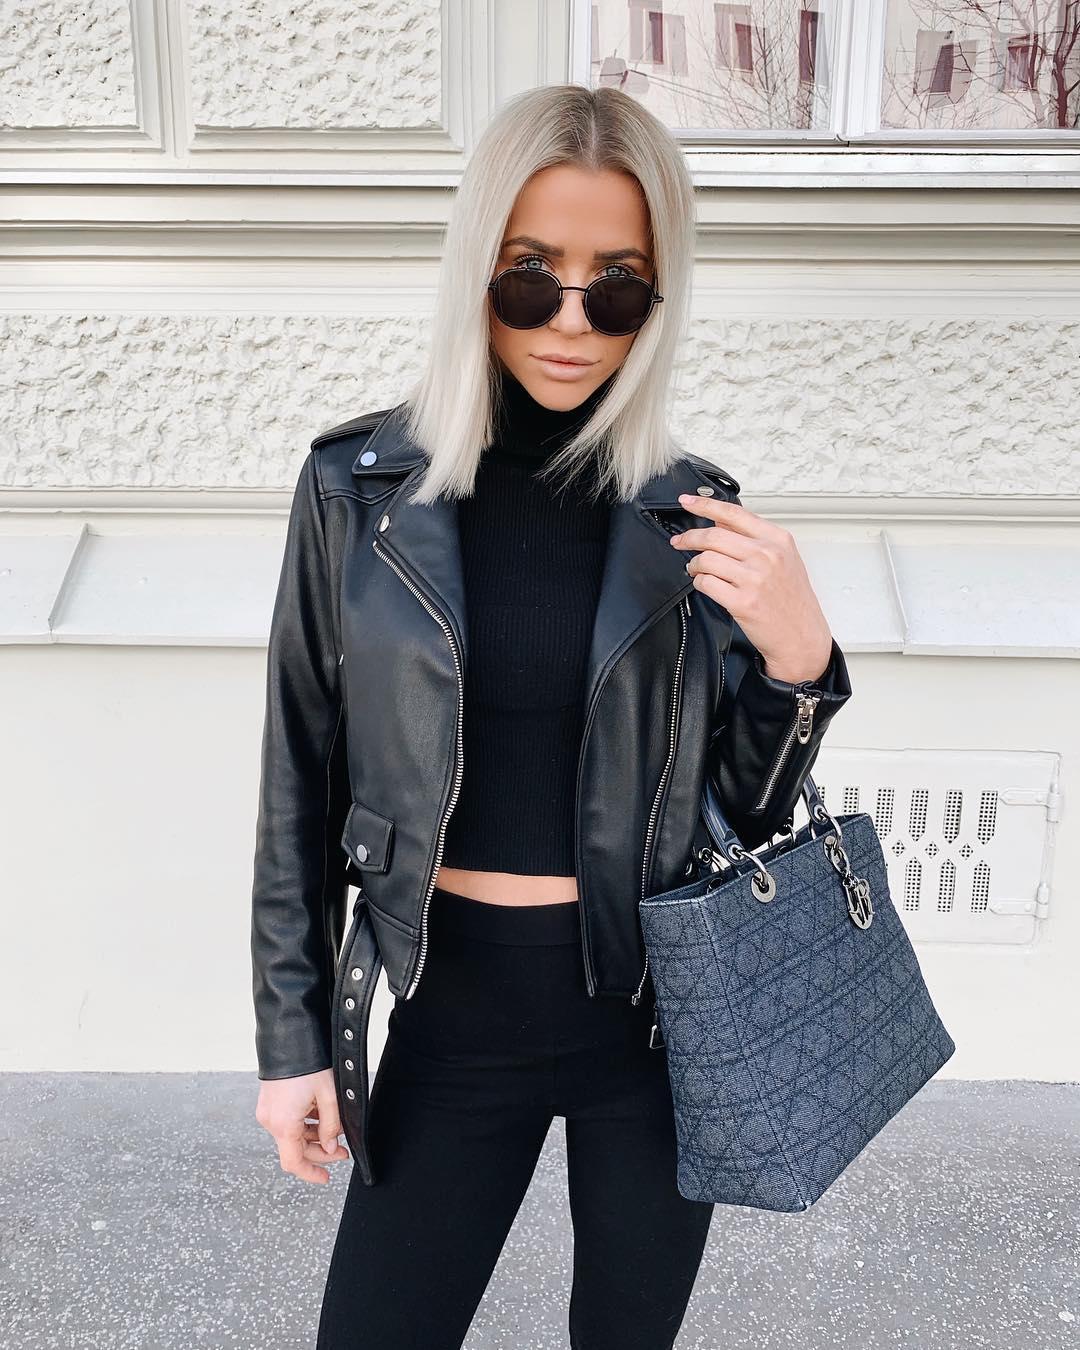 leather biker jacket de Zara sur valentina.steinhart